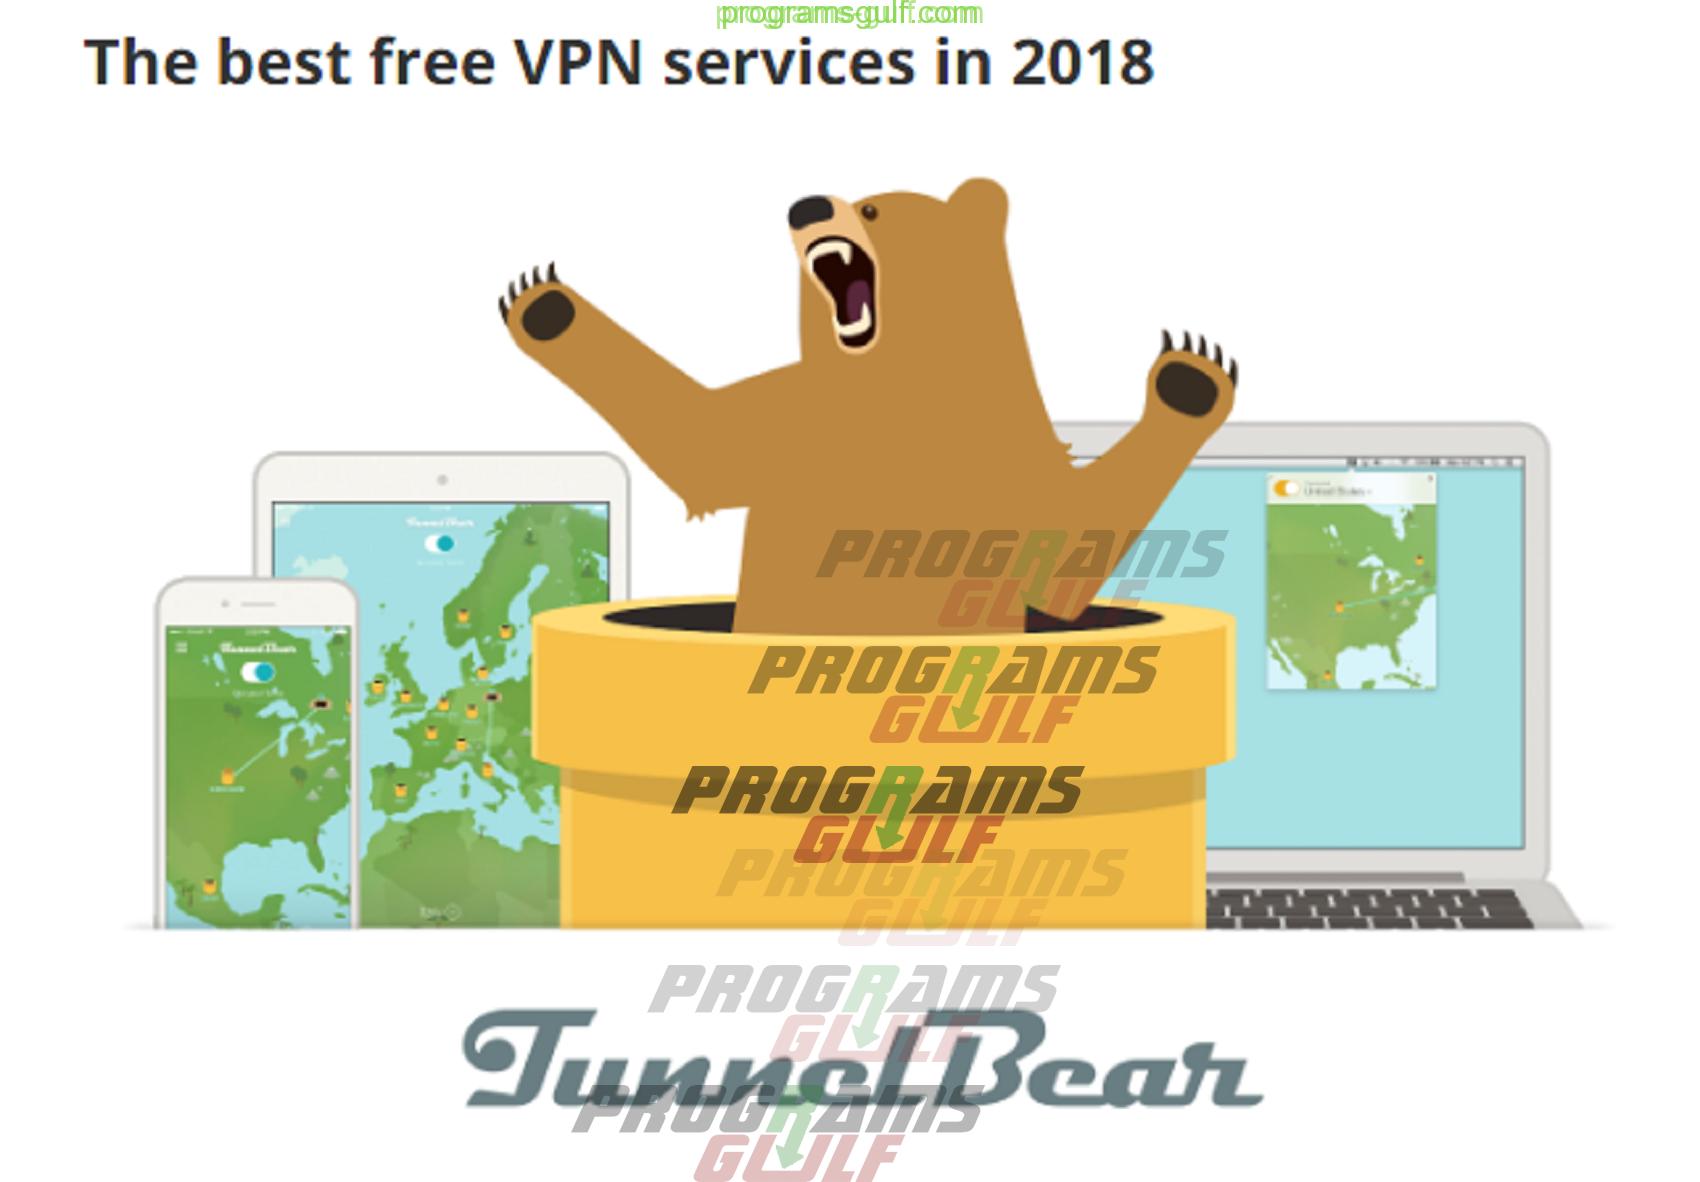 Photo of تحميل مجاني لتطبيق TunnelBear من أجل الخصوصية وفك شفرة المواقع المحجوبة